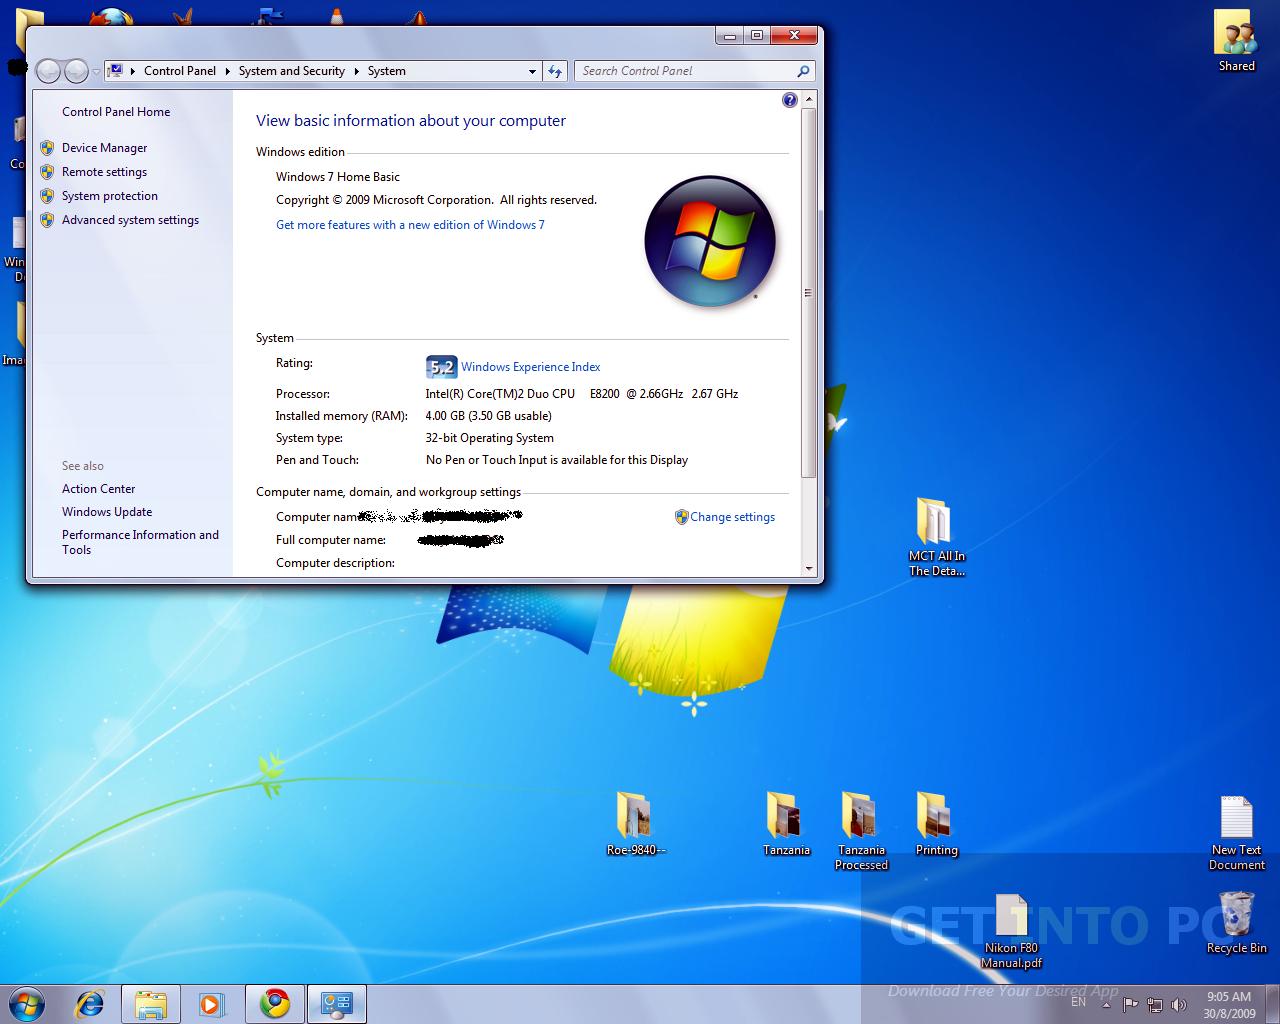 kundli mérkőzés készítő szoftver ingyenesen letölthető a Windows 7